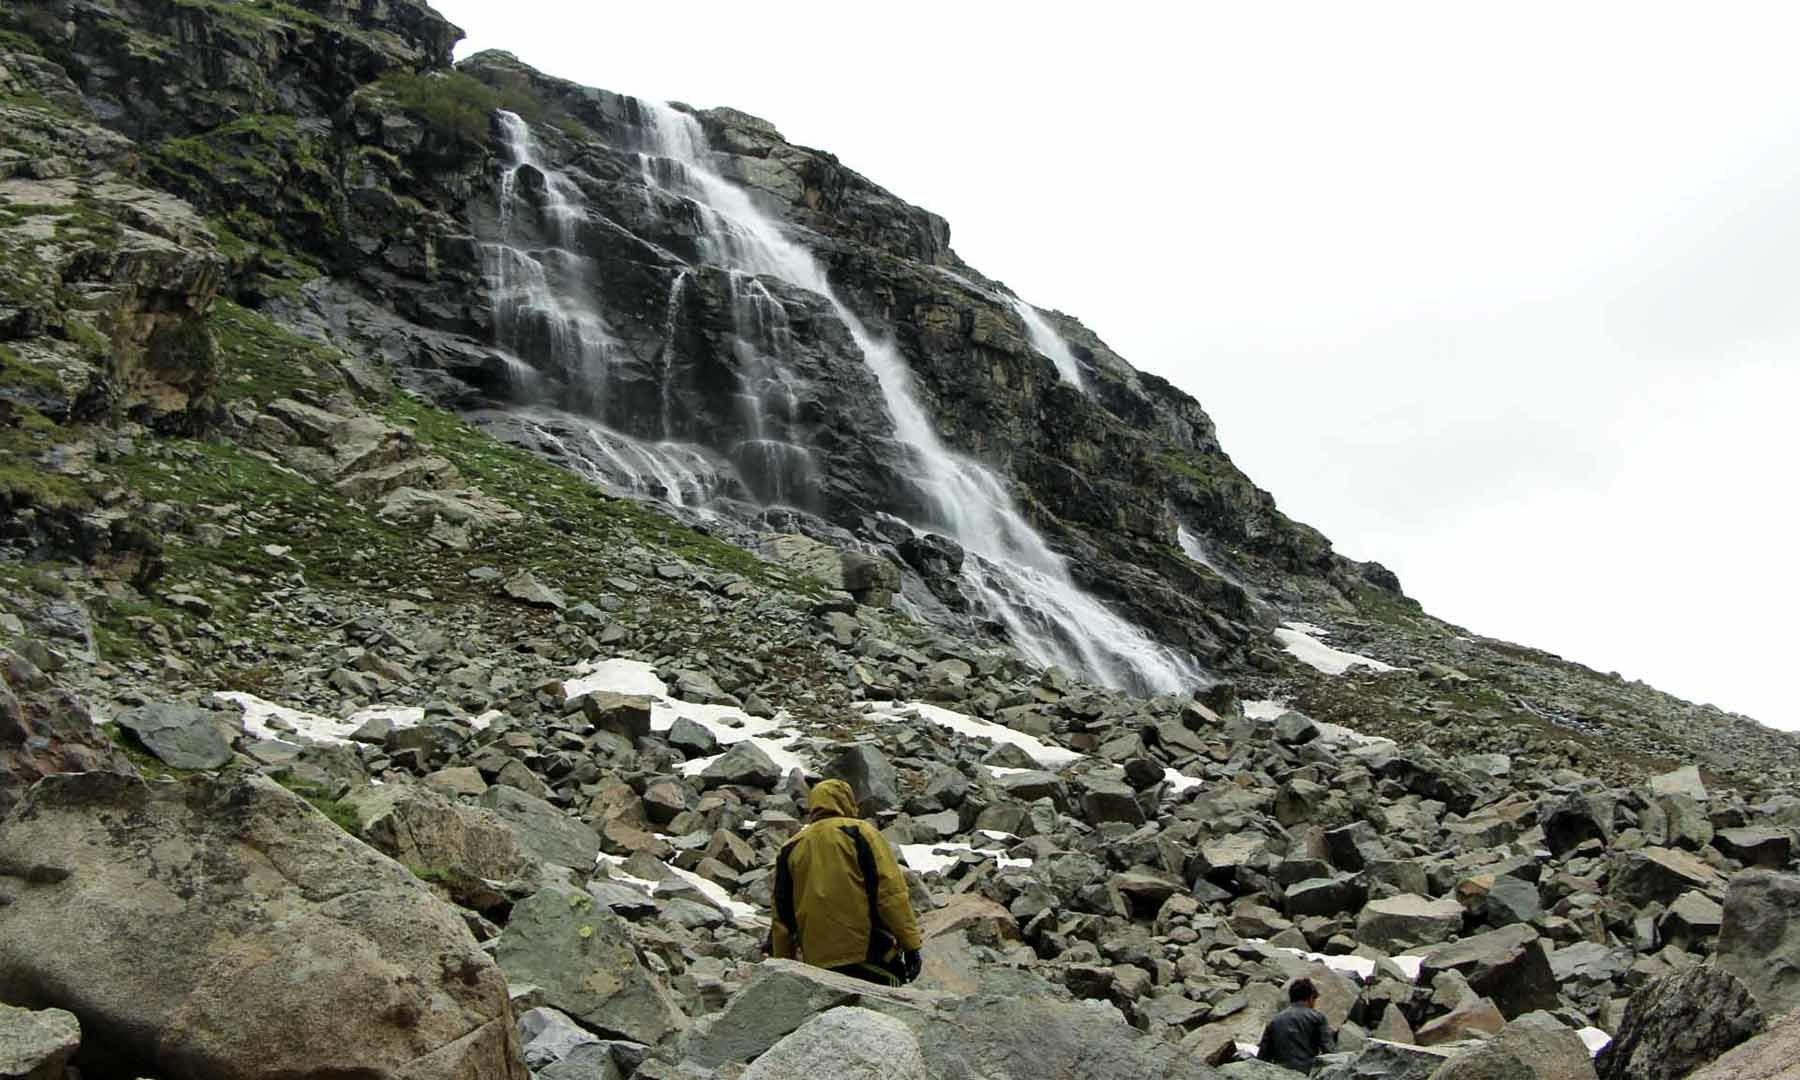 ازمس جھیل کے راستے میں آنے والی خوبصورت آبشار—امجد علی سحابؔ